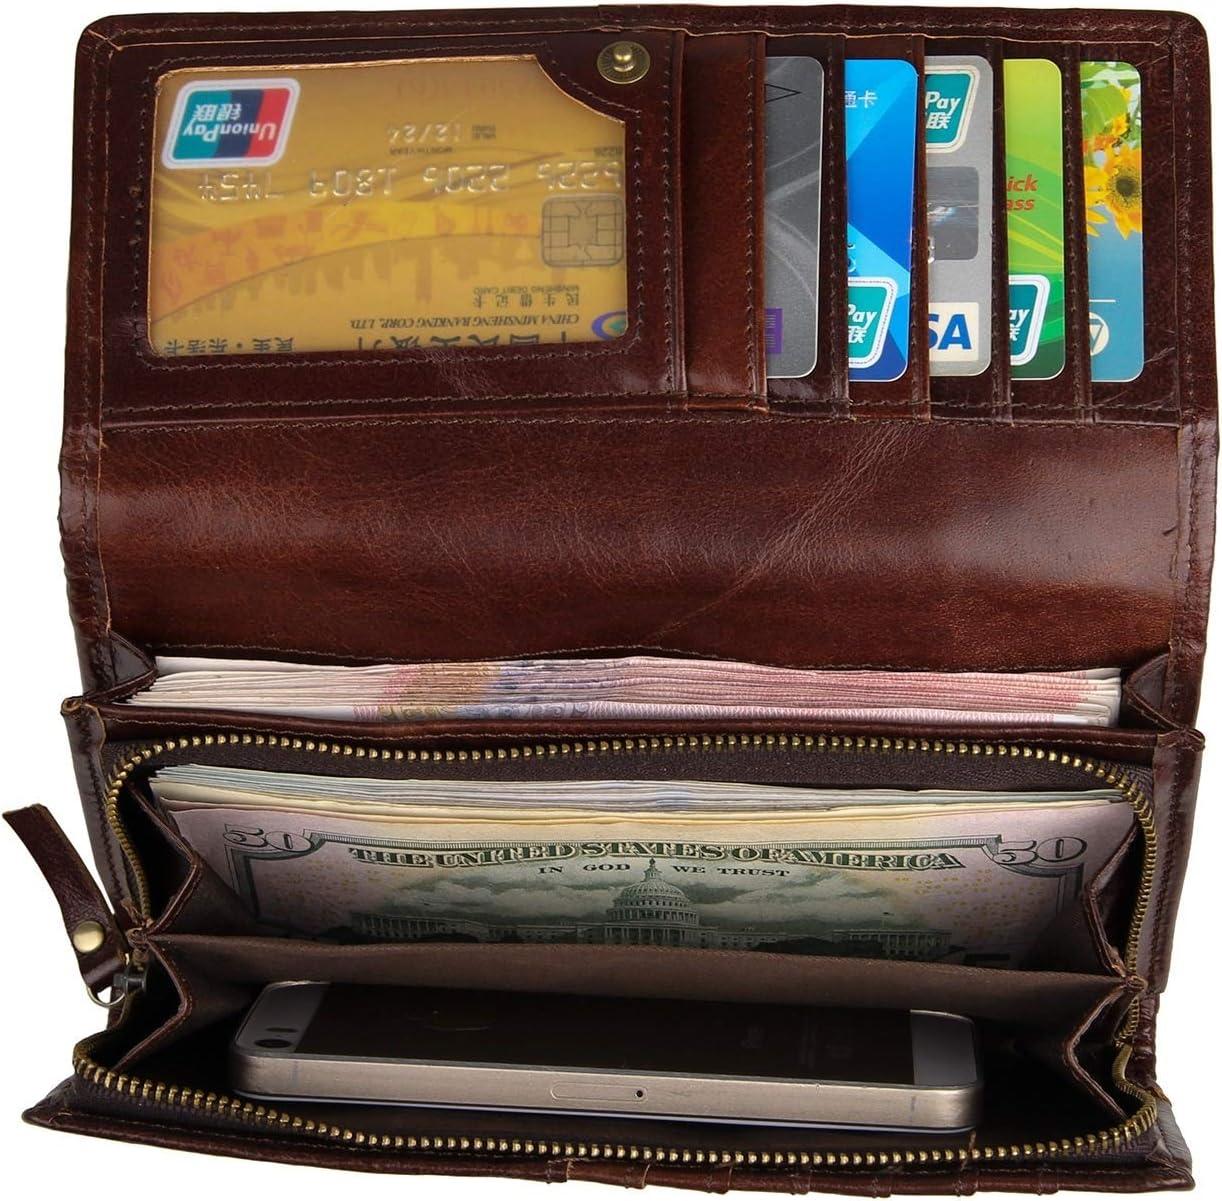 Billetera Vintage de Cuero Billetera de Mujer Personalidad Billetera Bordada de Cuero de Moda Bolso de los Hombres (Color : Multi-Colored, tamaño : S)